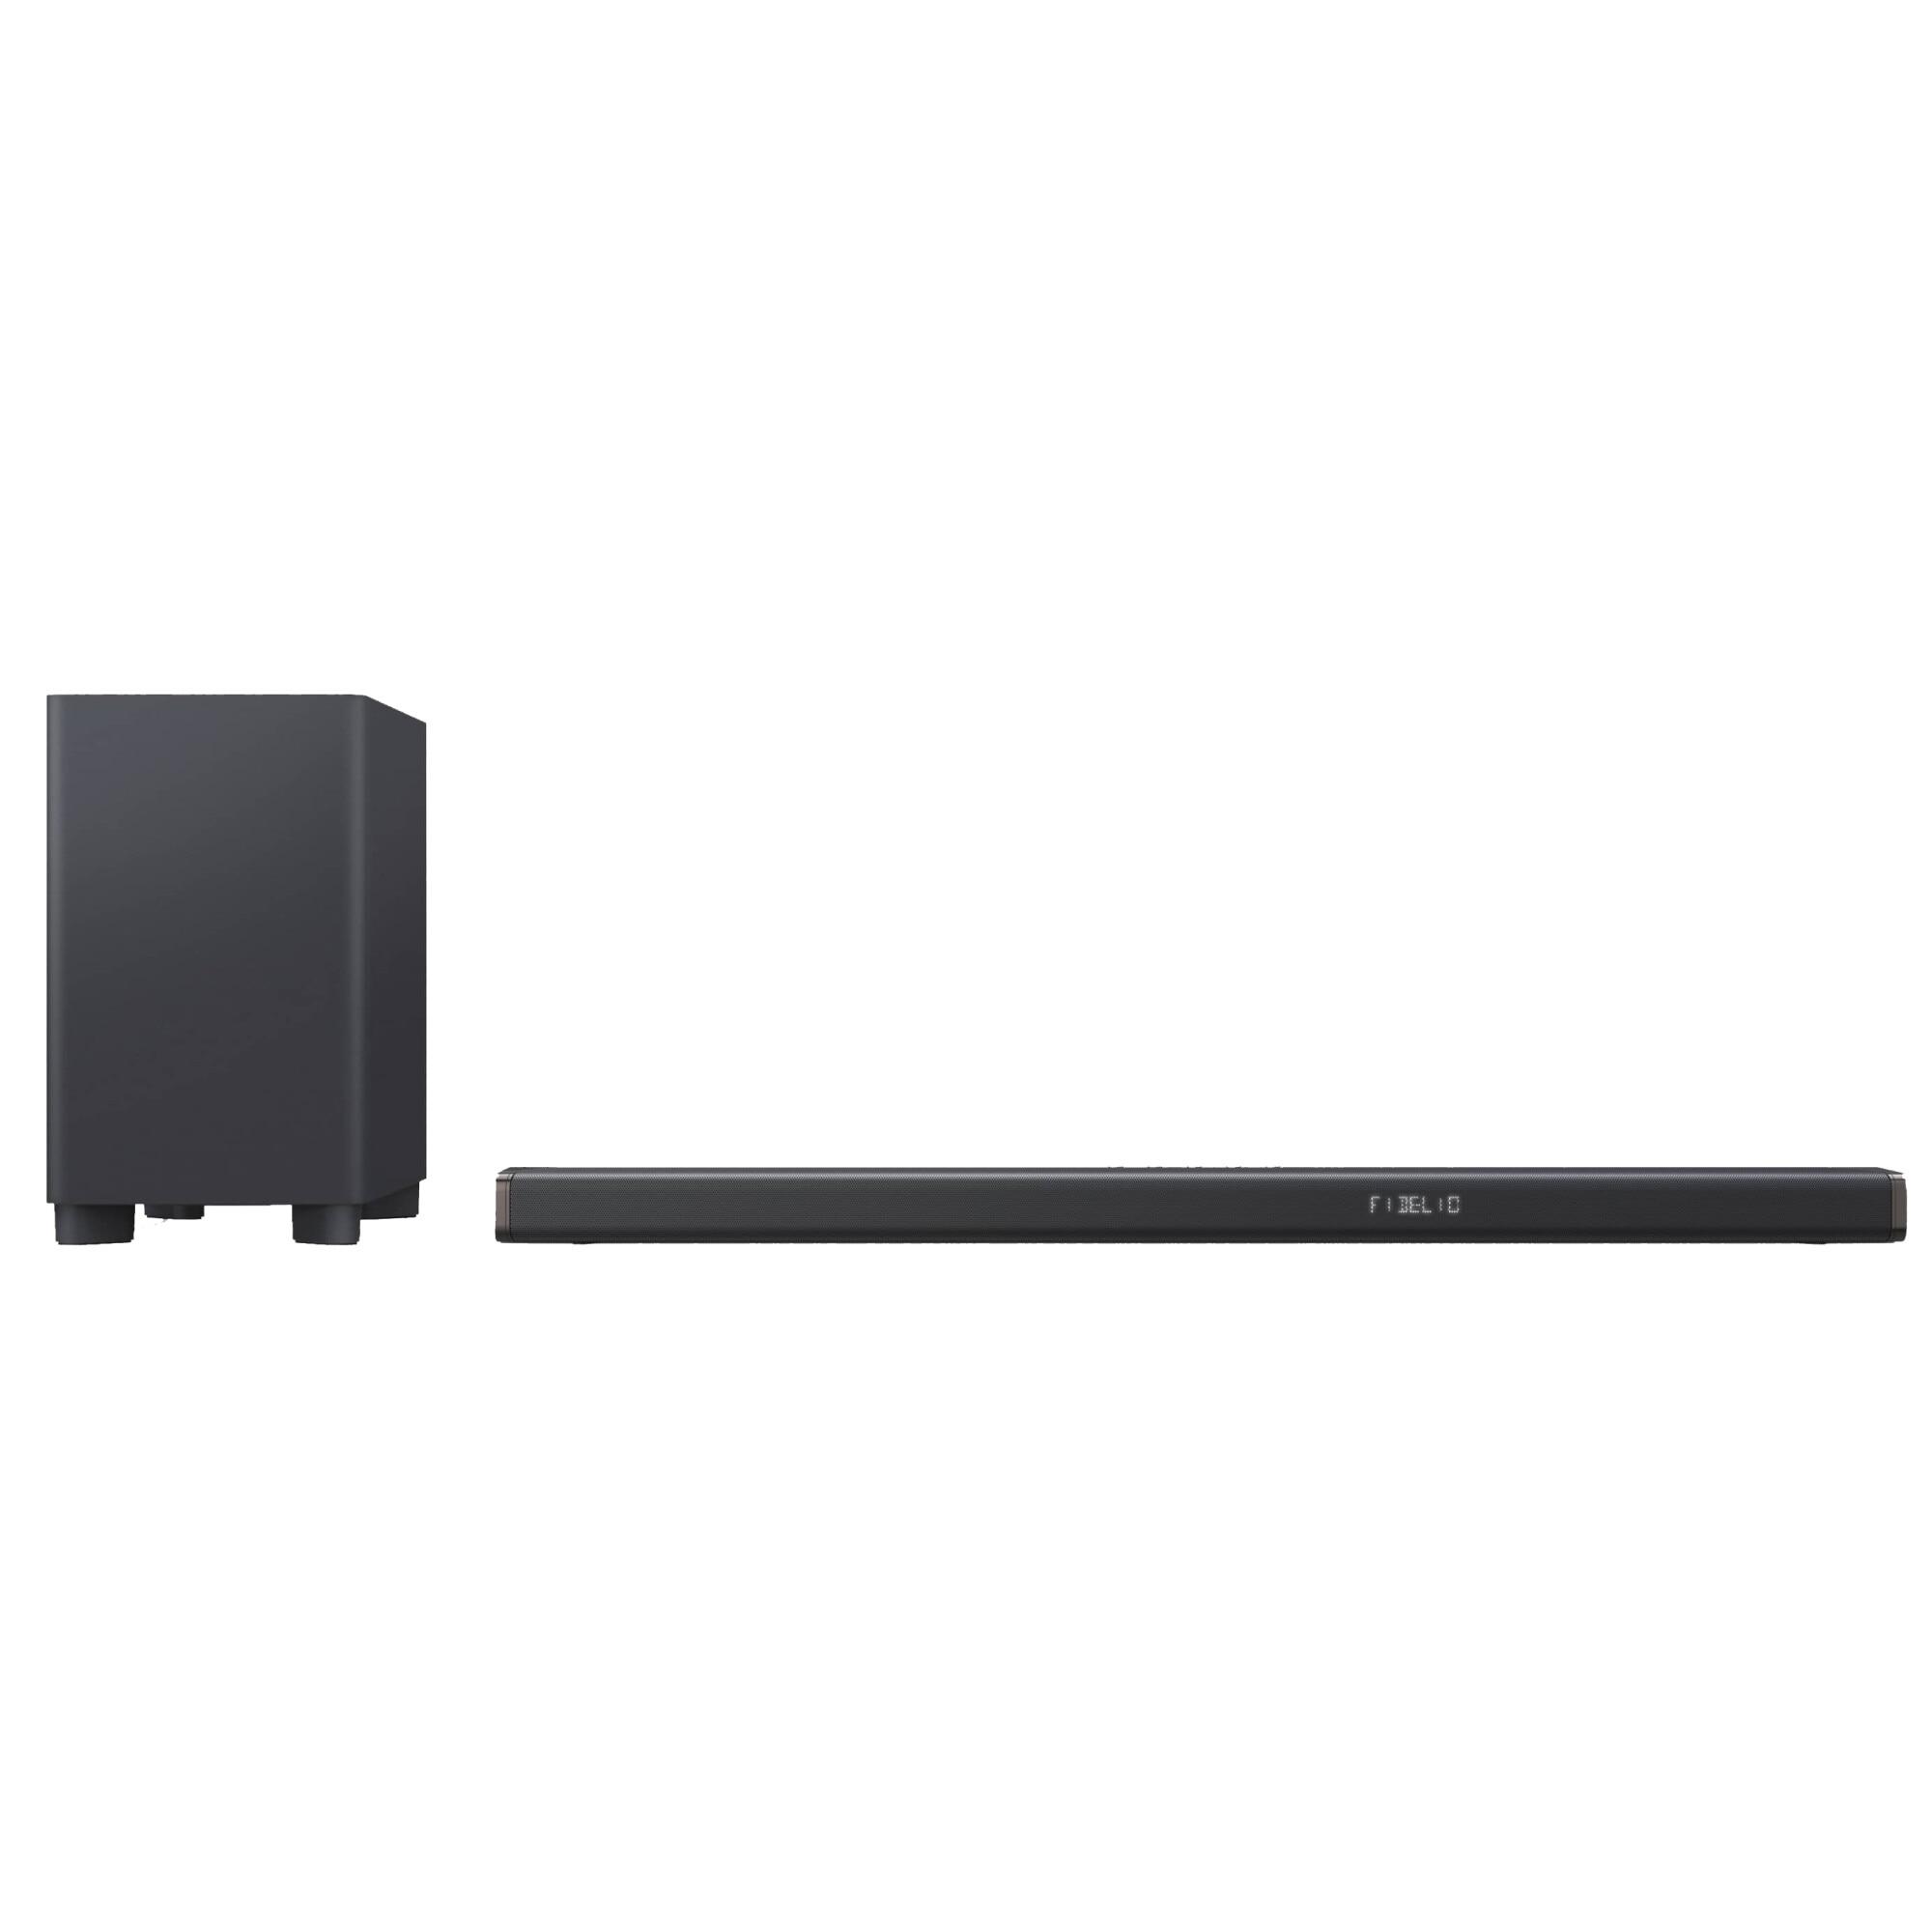 Fotografie Soundbar Philips B95/10, 5.1.2, 410W, Subwoofer Wireless, Dolby Atmos, Negru